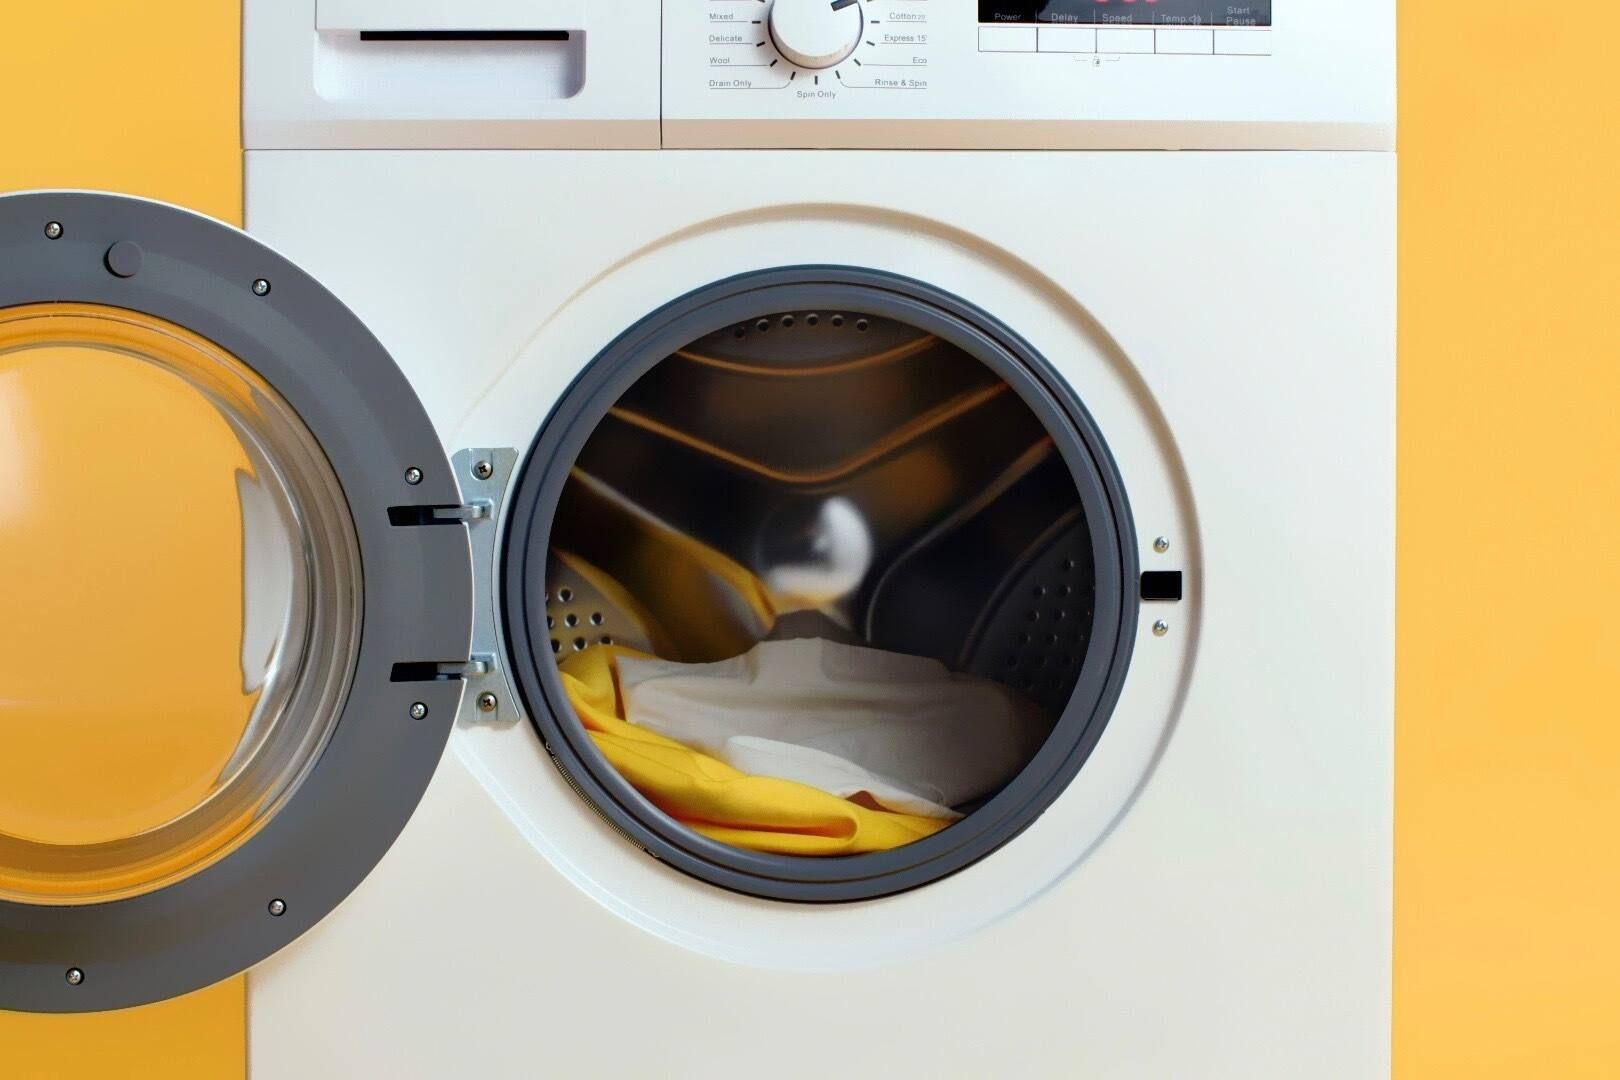 vệ sinh lồng giặt máy giặt cửa trước định kỳ